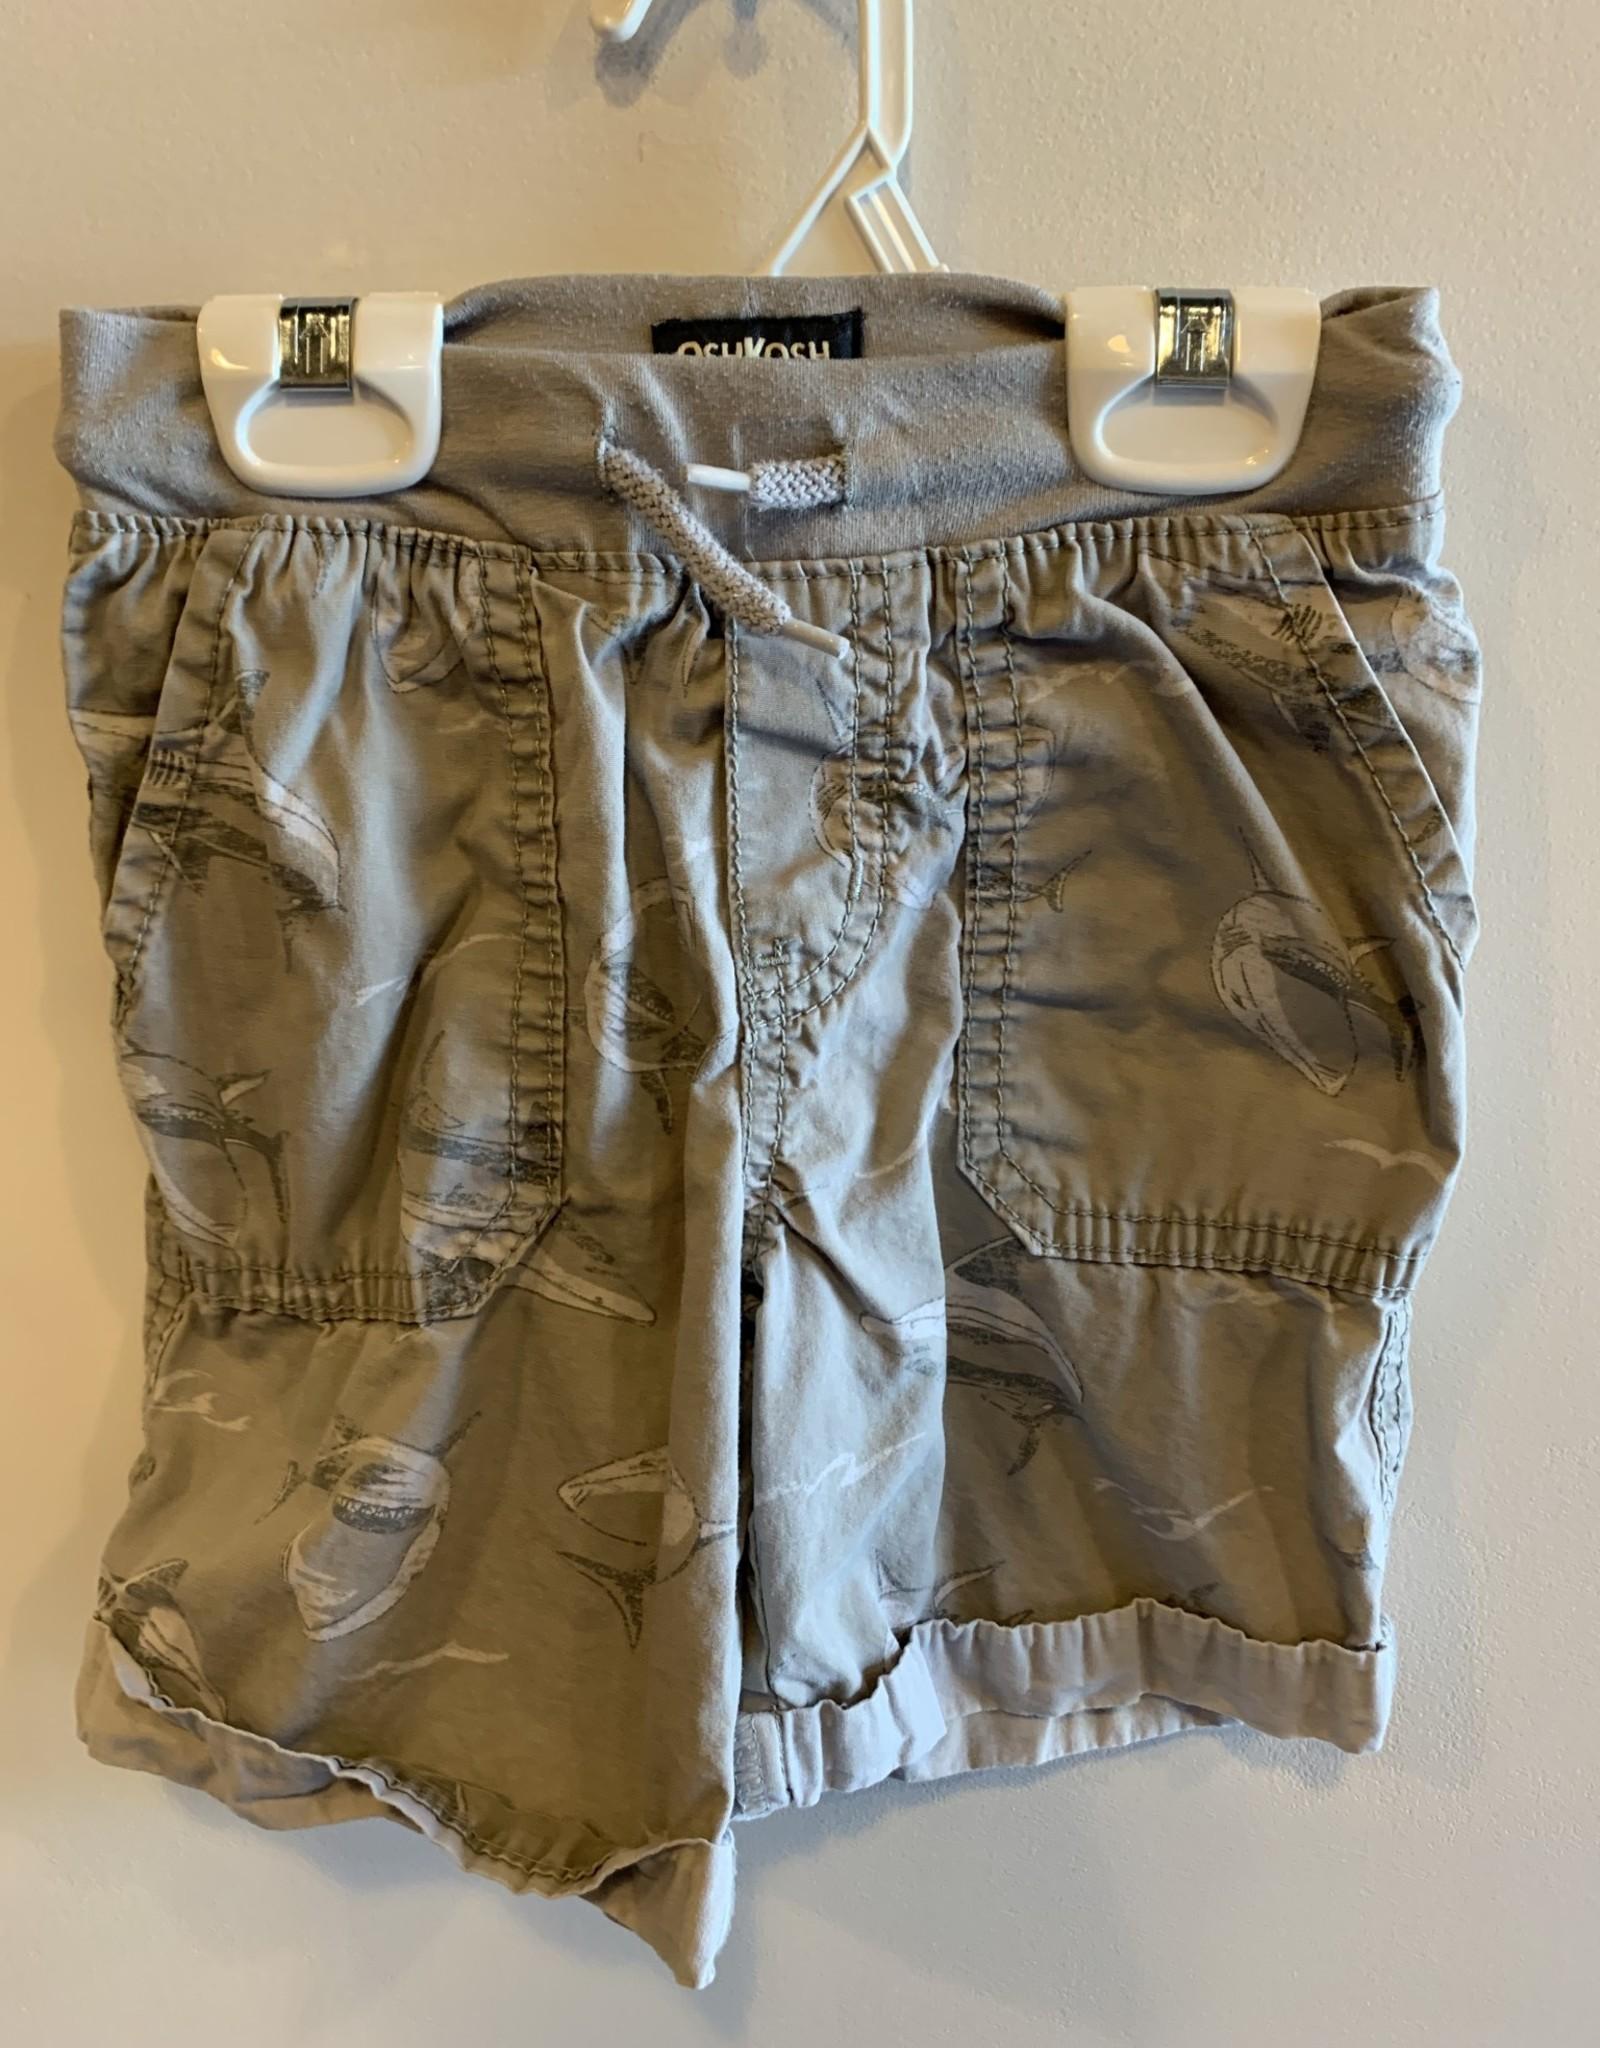 Off Brand Boys/3T/OshKosh/Shorts